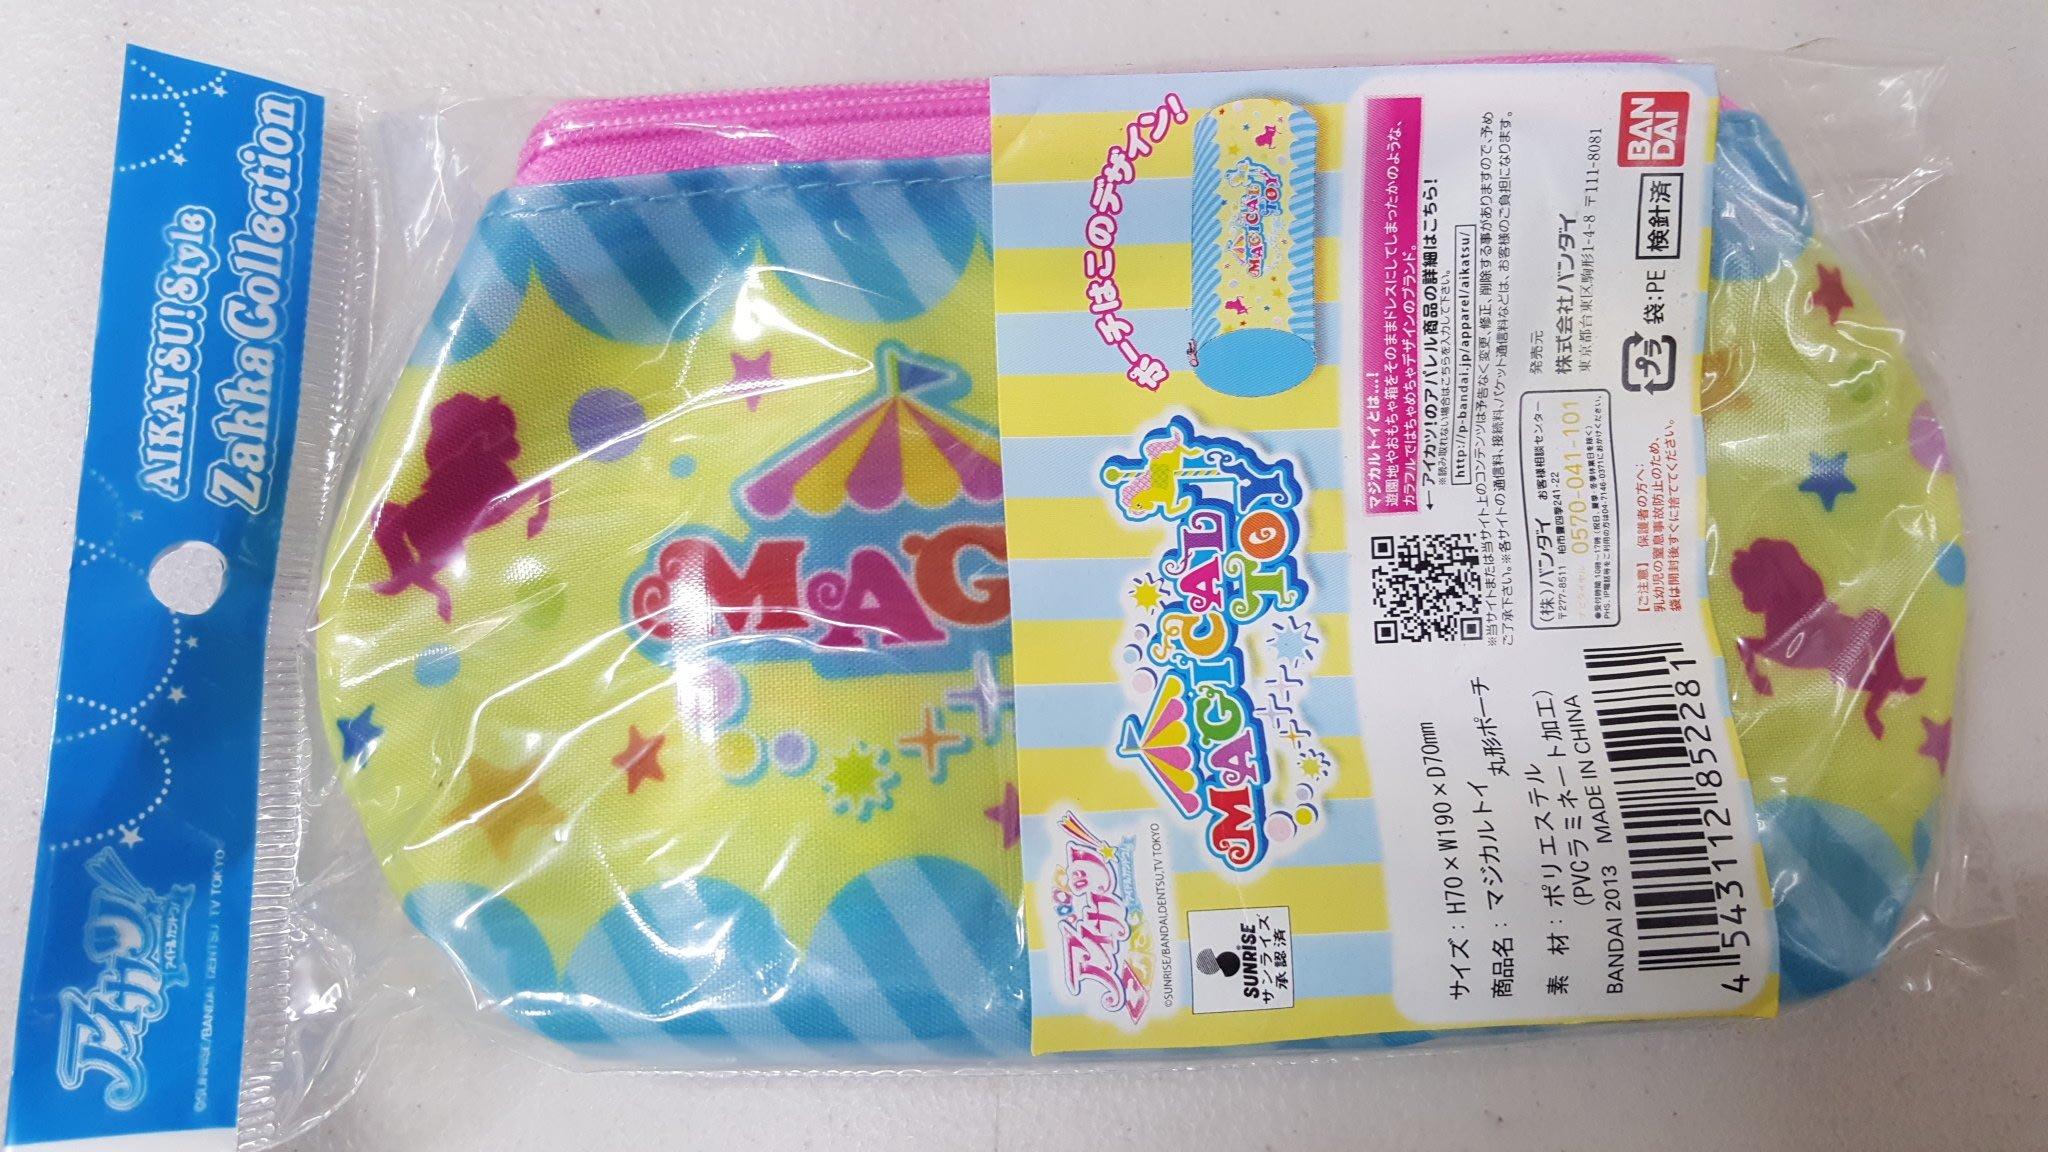 【美】優惠價 開學季 兒童文具  偶像學園 BANDAI 筆袋(Magicsl aToy) 適用 年節禮品